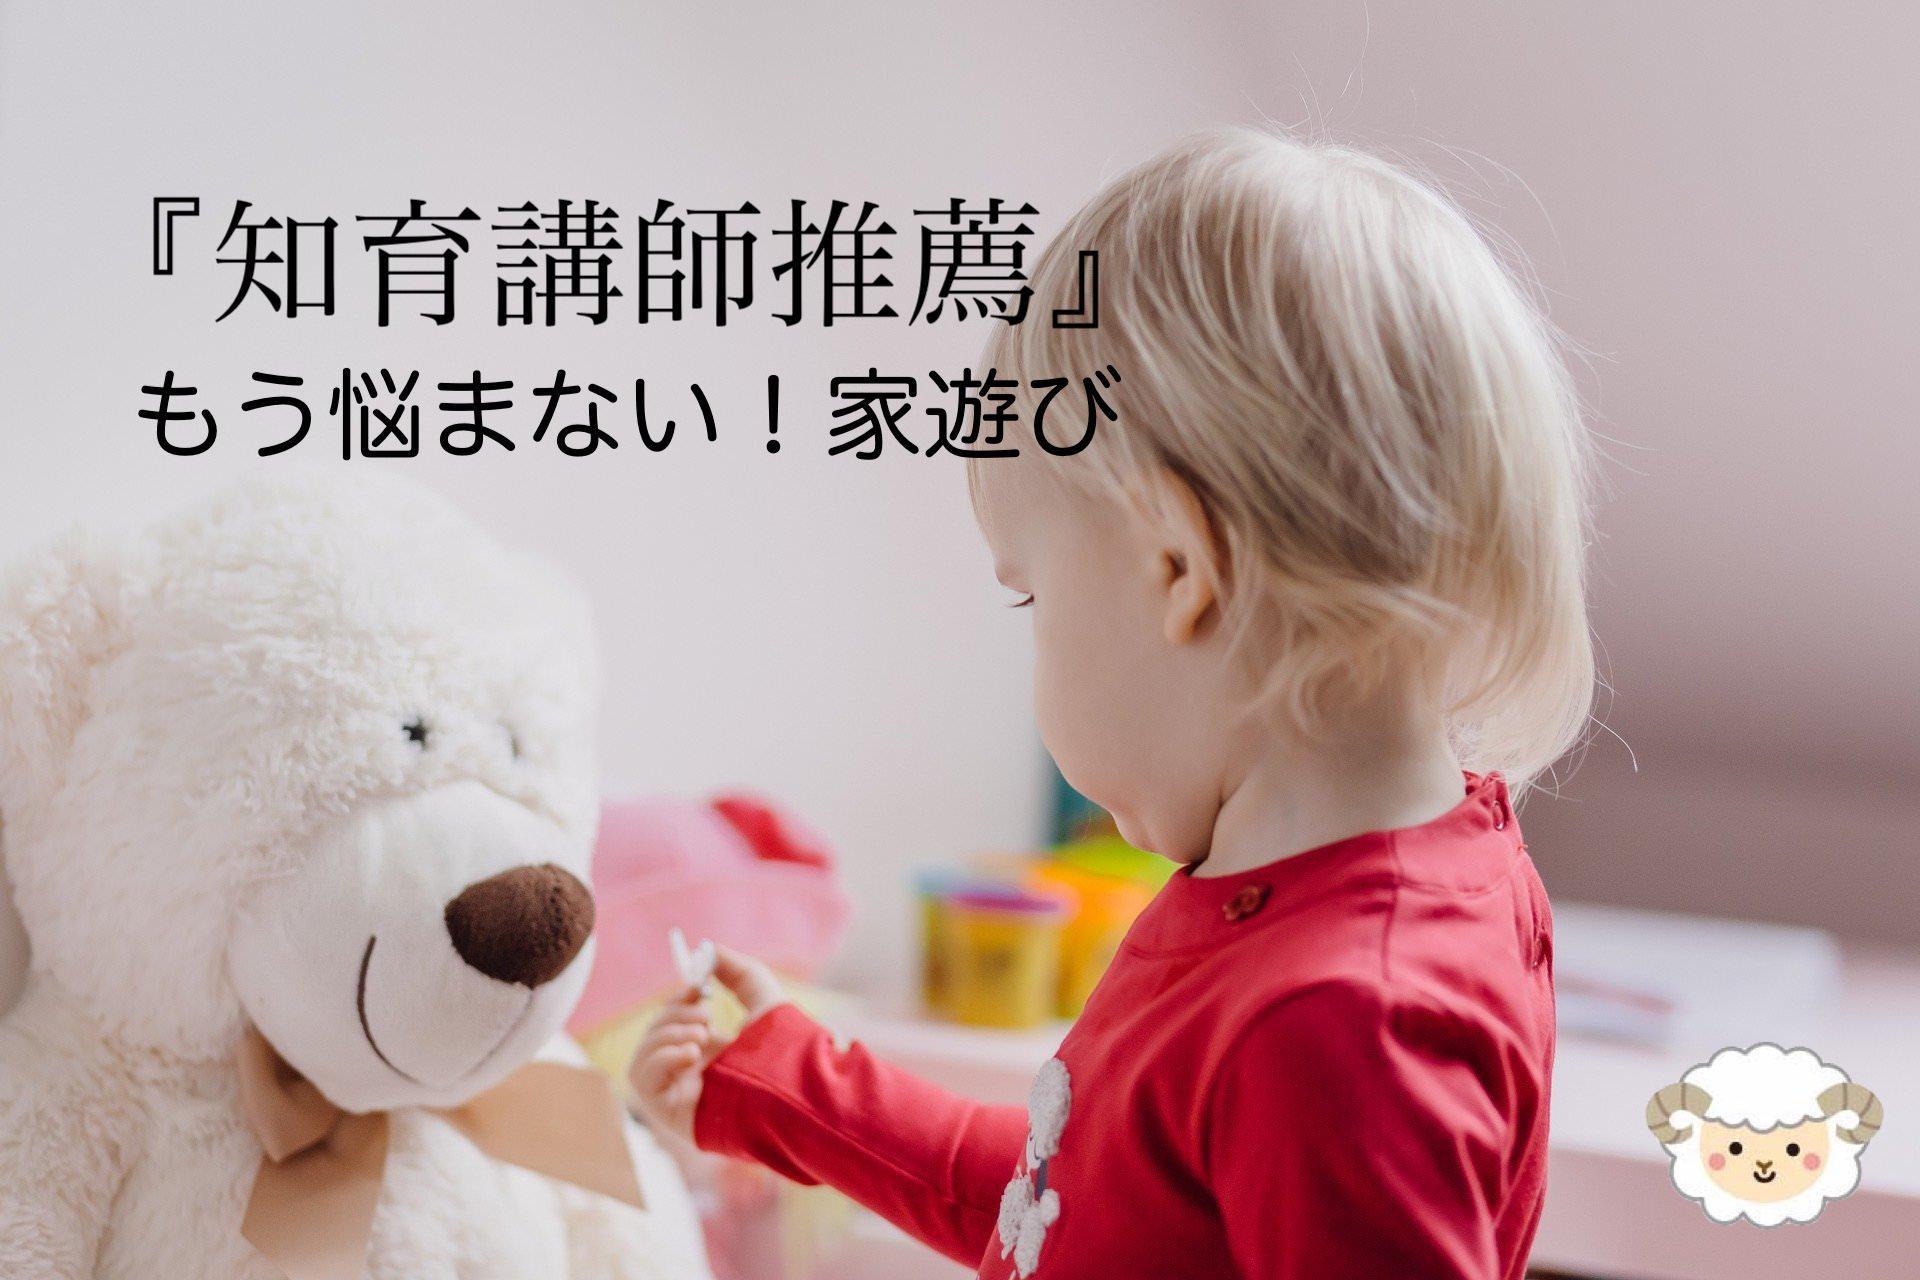 『知育講師推薦』もう悩まない!子供と家で遊ぶアイデアをご紹介!